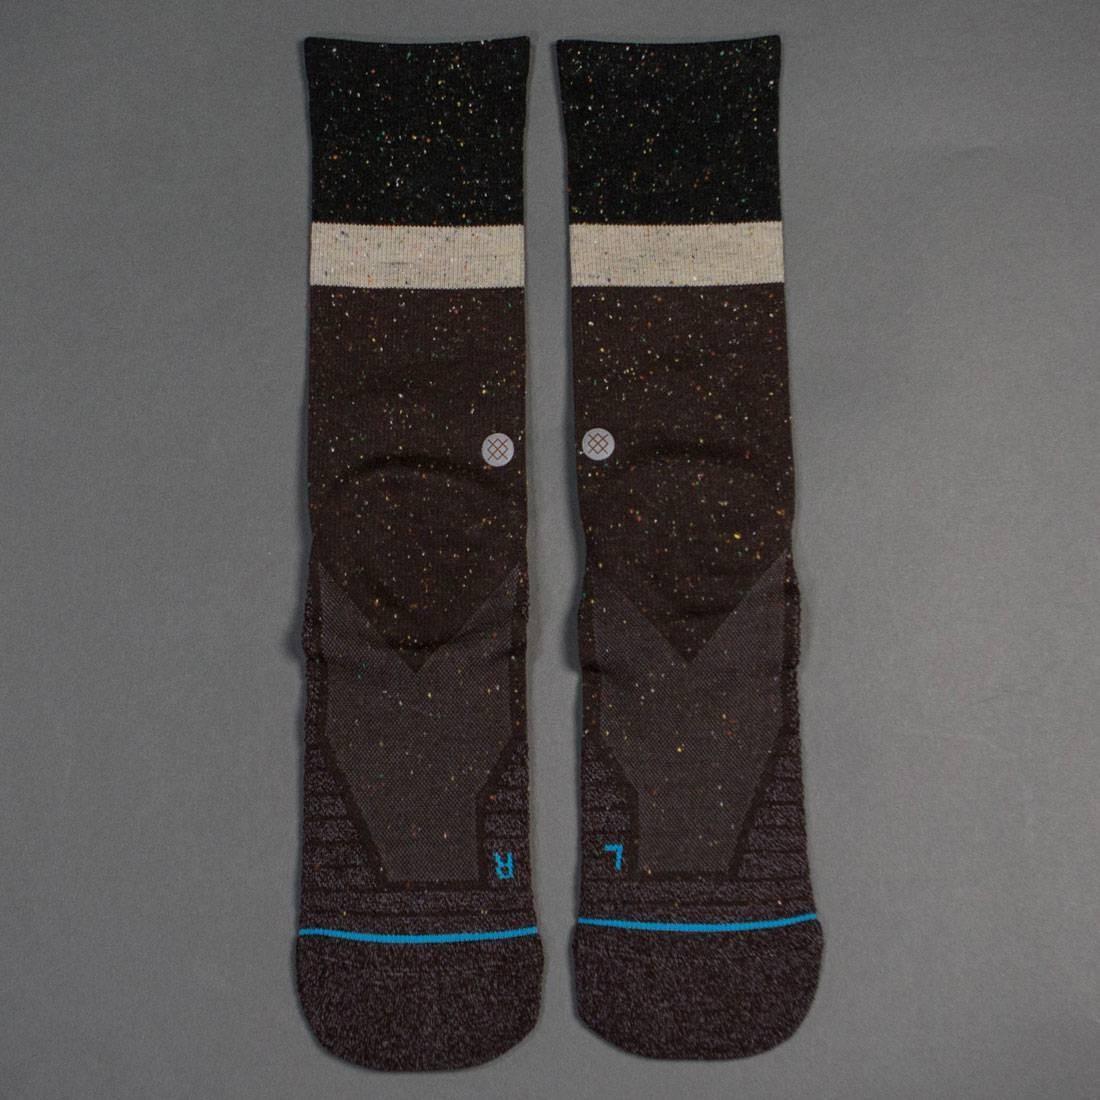 スタンス STANCE プレミアム ソックス 靴下 インナー 下着 ナイトウエア メンズ 下 レッグ 【 Premium Topstitch Men Atacama Crew Socks (brown) 】 Brown